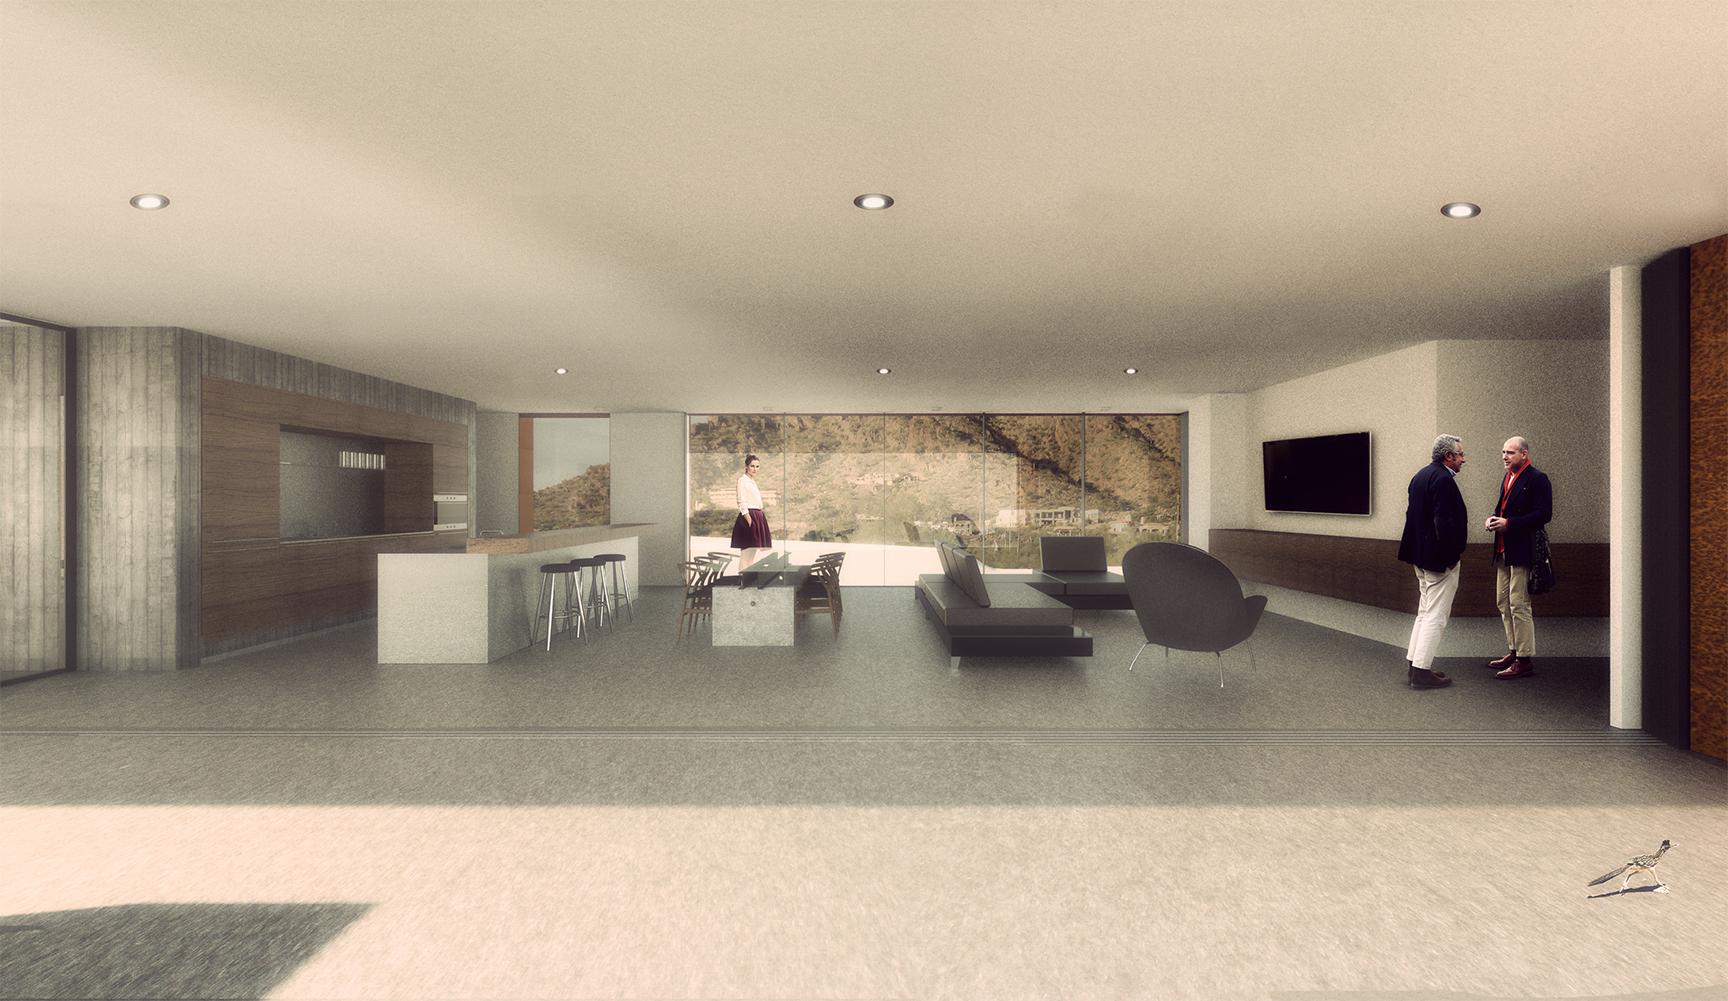 15 Desert Bridge Residence - Chen + Suchart Studio.jpg